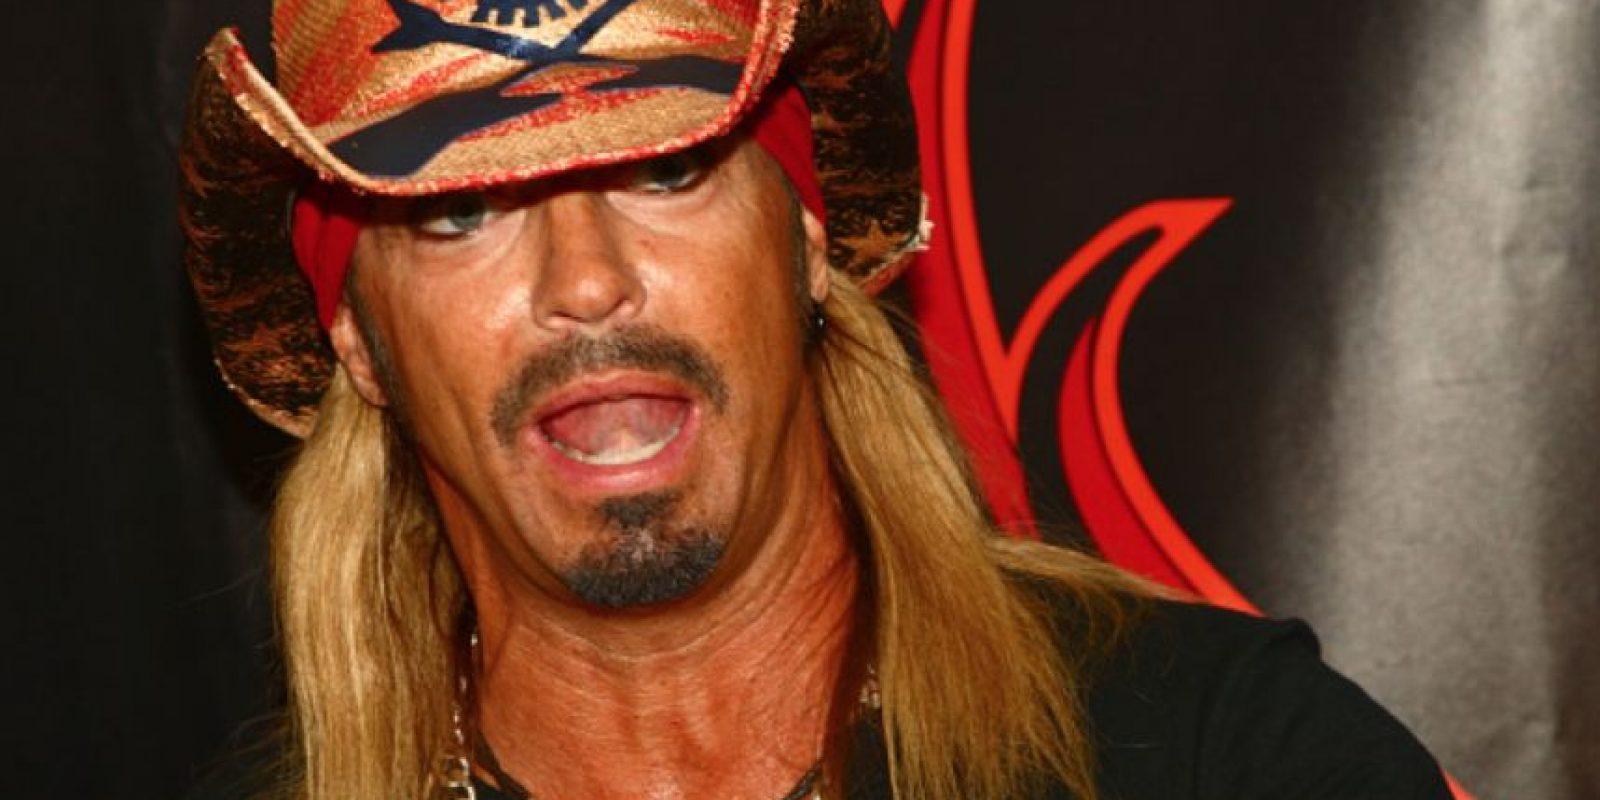 Y sigue como leyenda del rock. Es uno de los mejores cantantes de heavy metal. Foto:vía Facebook